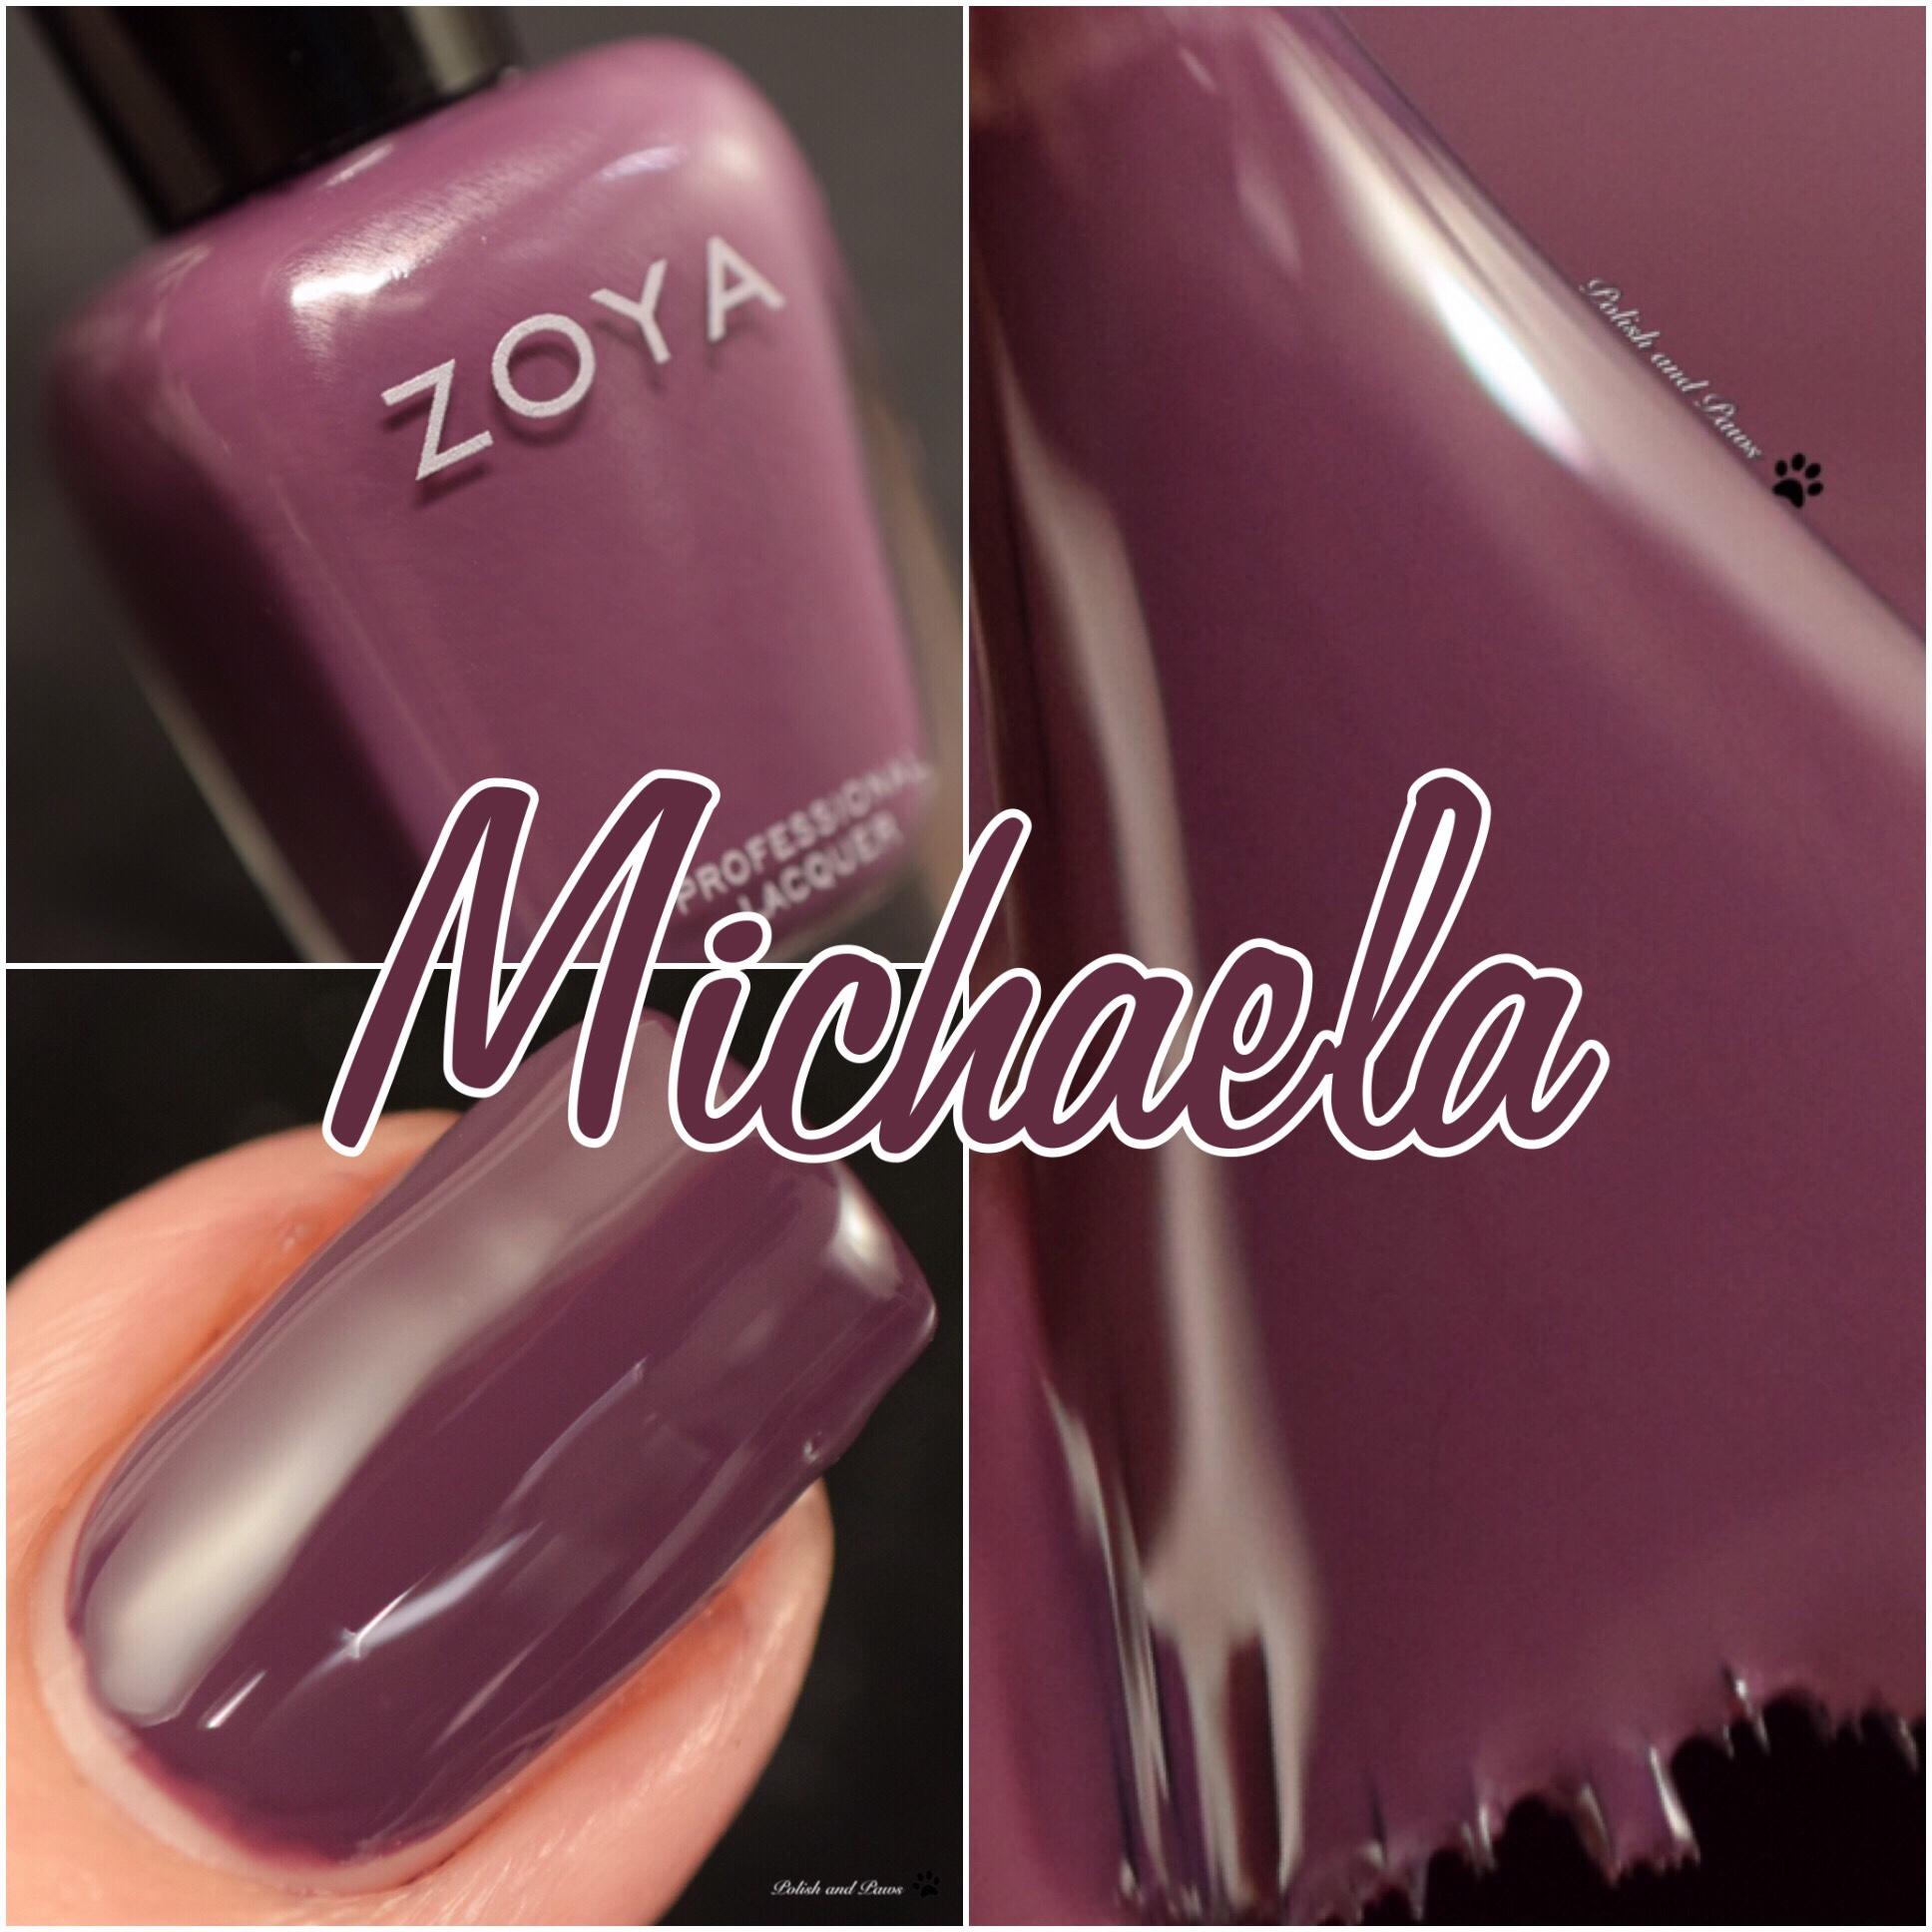 Zoya Michaela